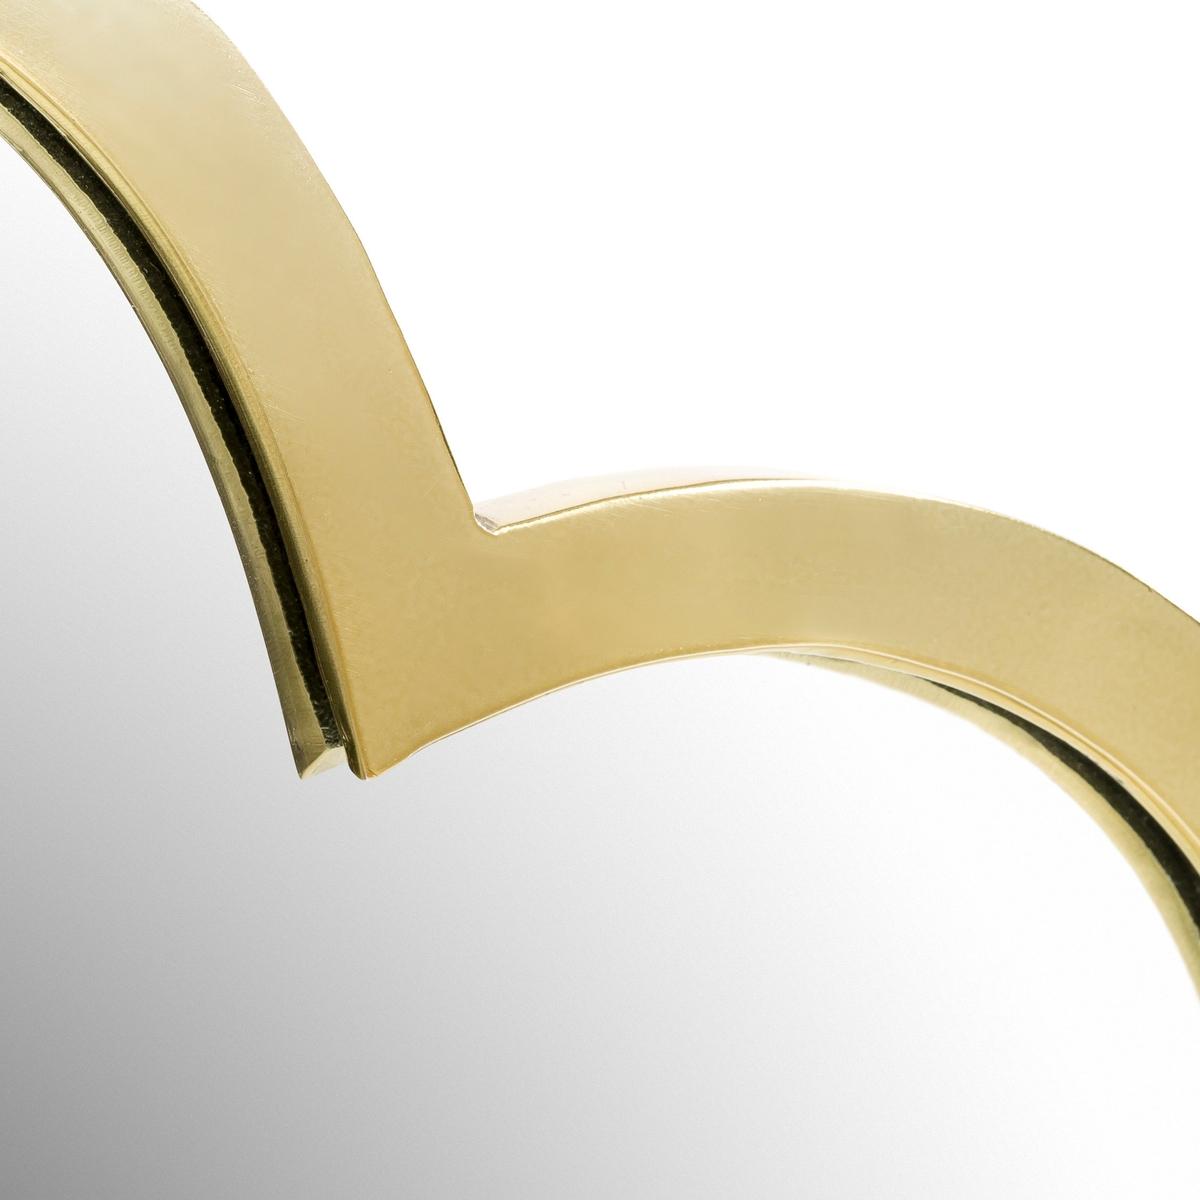 Зеркало в форме облака, из латуни Д45 x В26 см, ZicowiОригинальный романтичный дизайн.Характеристики: :-  Рама из алюминия с латунной отделкой. Размеры :- Ш.45 x В.26 см.<br><br>Цвет: прозрачный